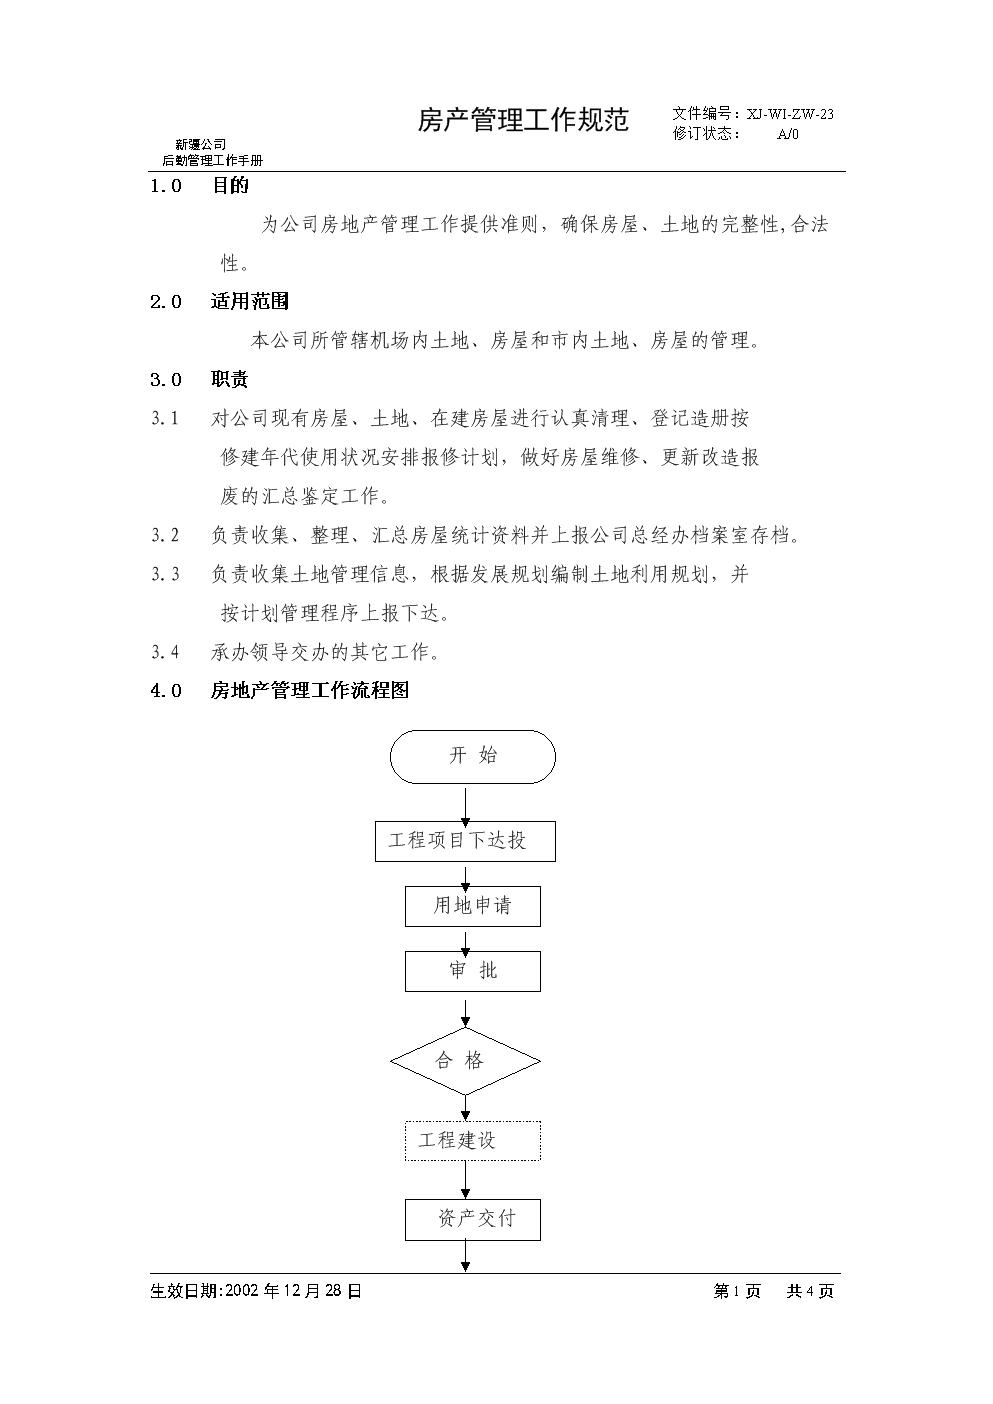 23房产管理工作规范.doc